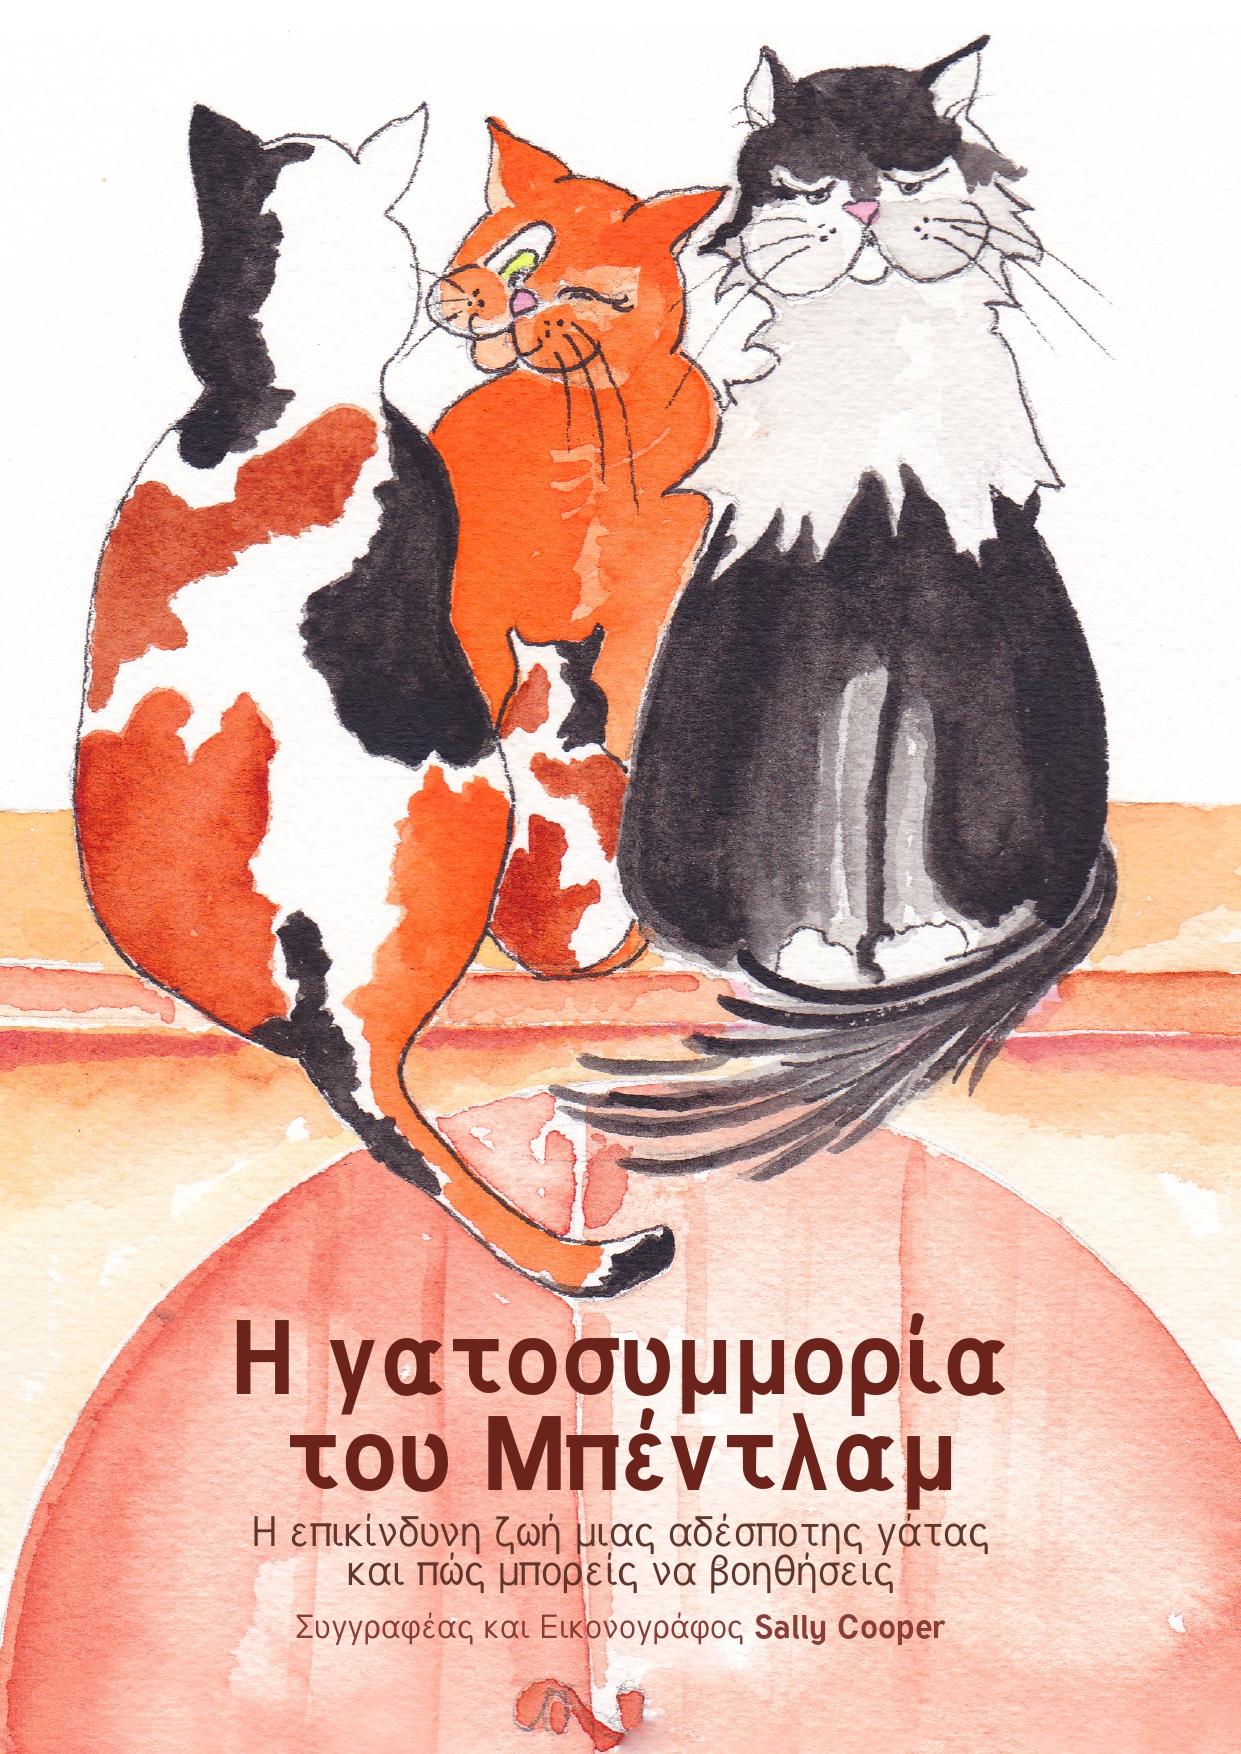 Εξώφυλλο ενός παραμυθιού που απεικονίζει μια γατο-συμμορία